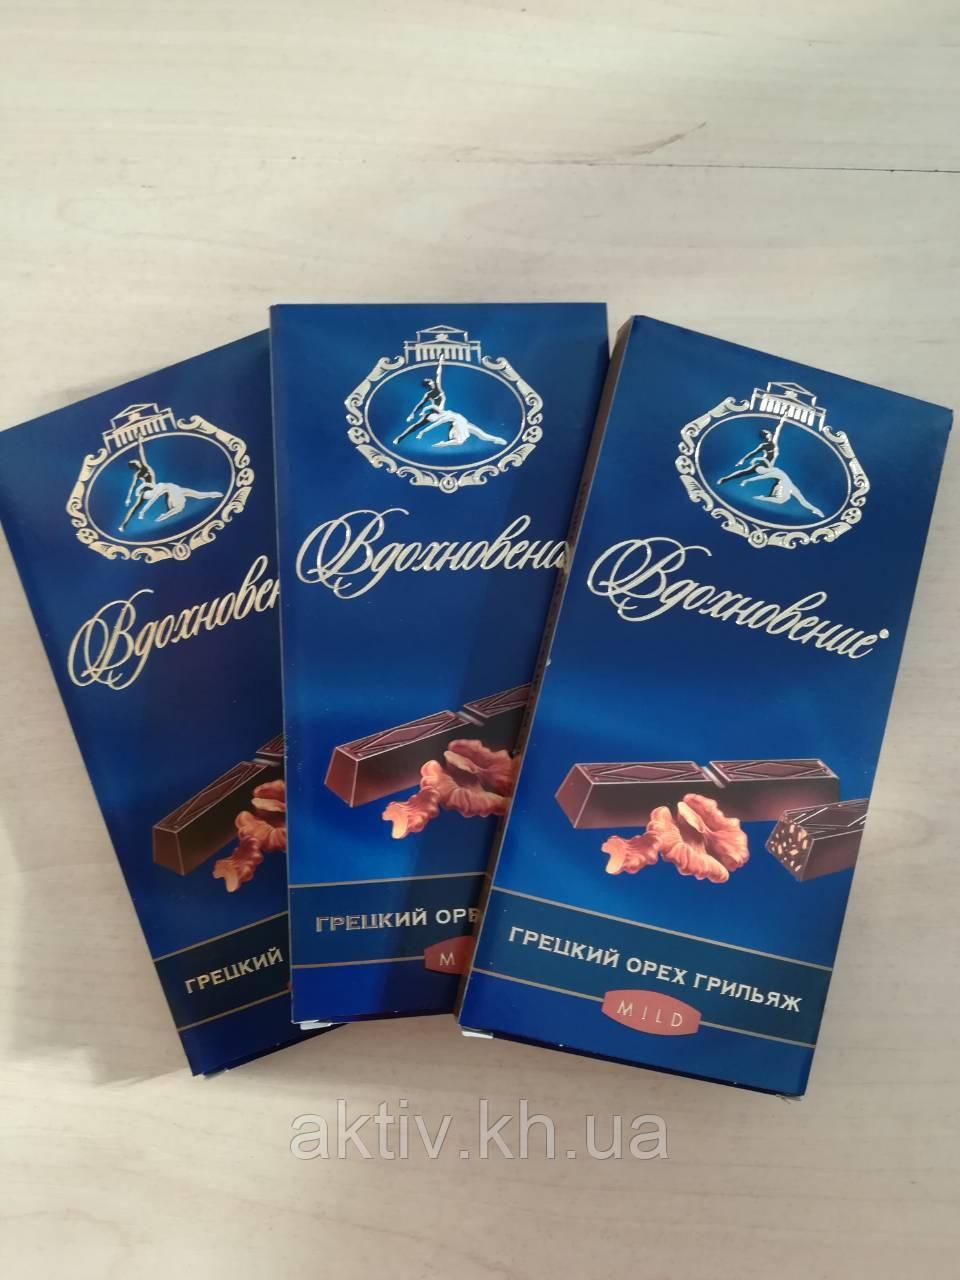 Шоколад Вдохновение грецкий орех грильяж 100 грамм